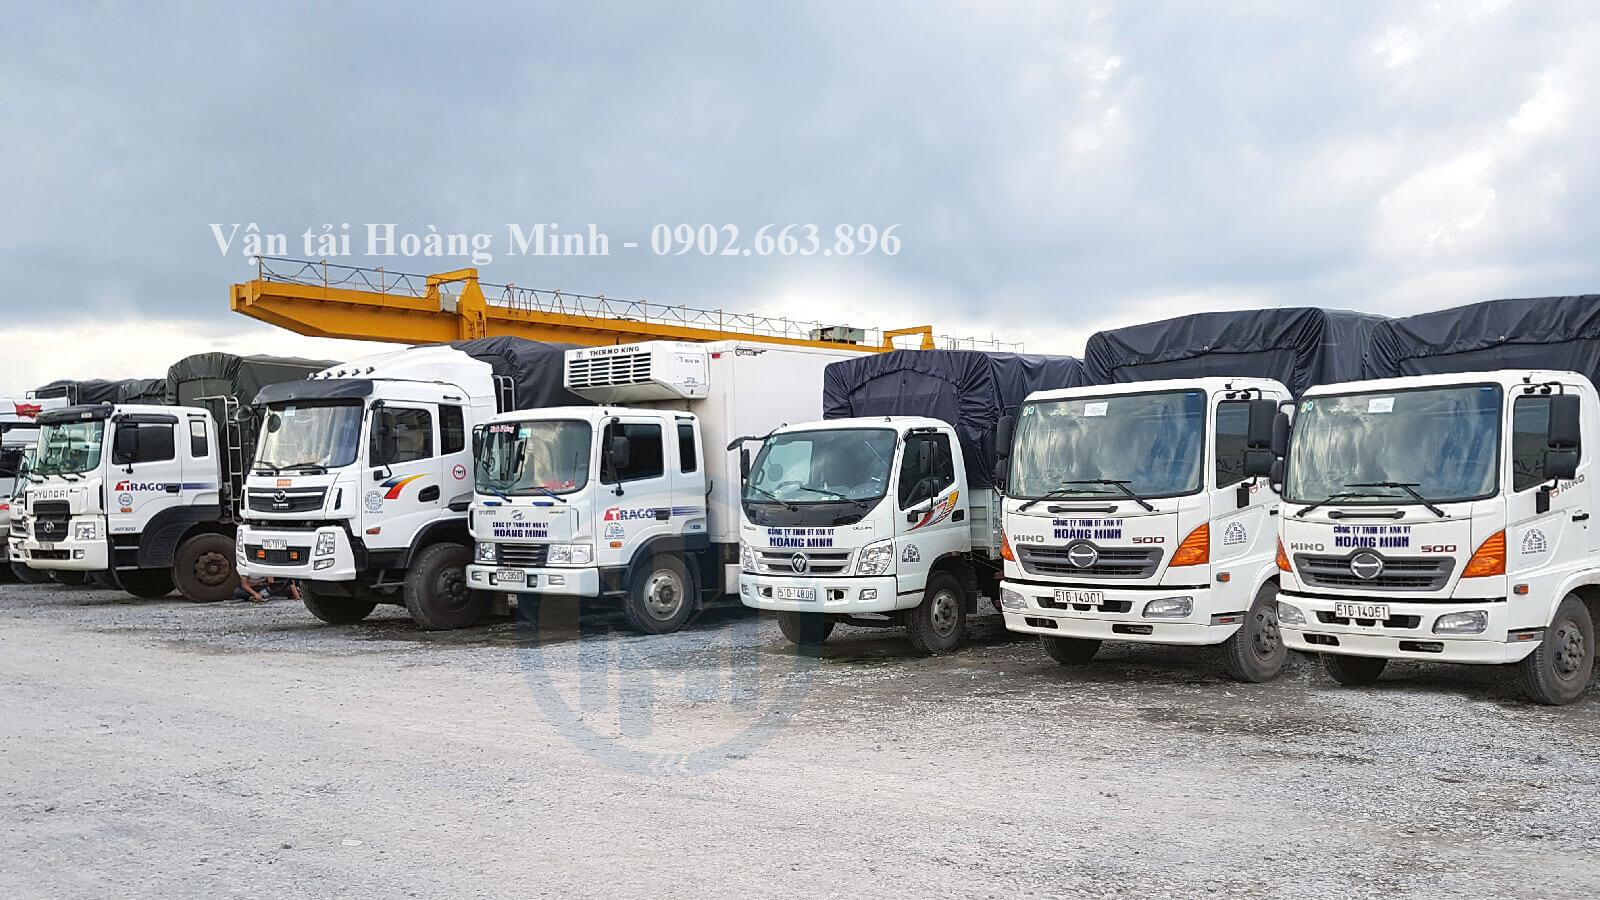 Chọn thuê xe tải chở hàng của chúng tôi, bạn sẽ nhận được lợi ích gì